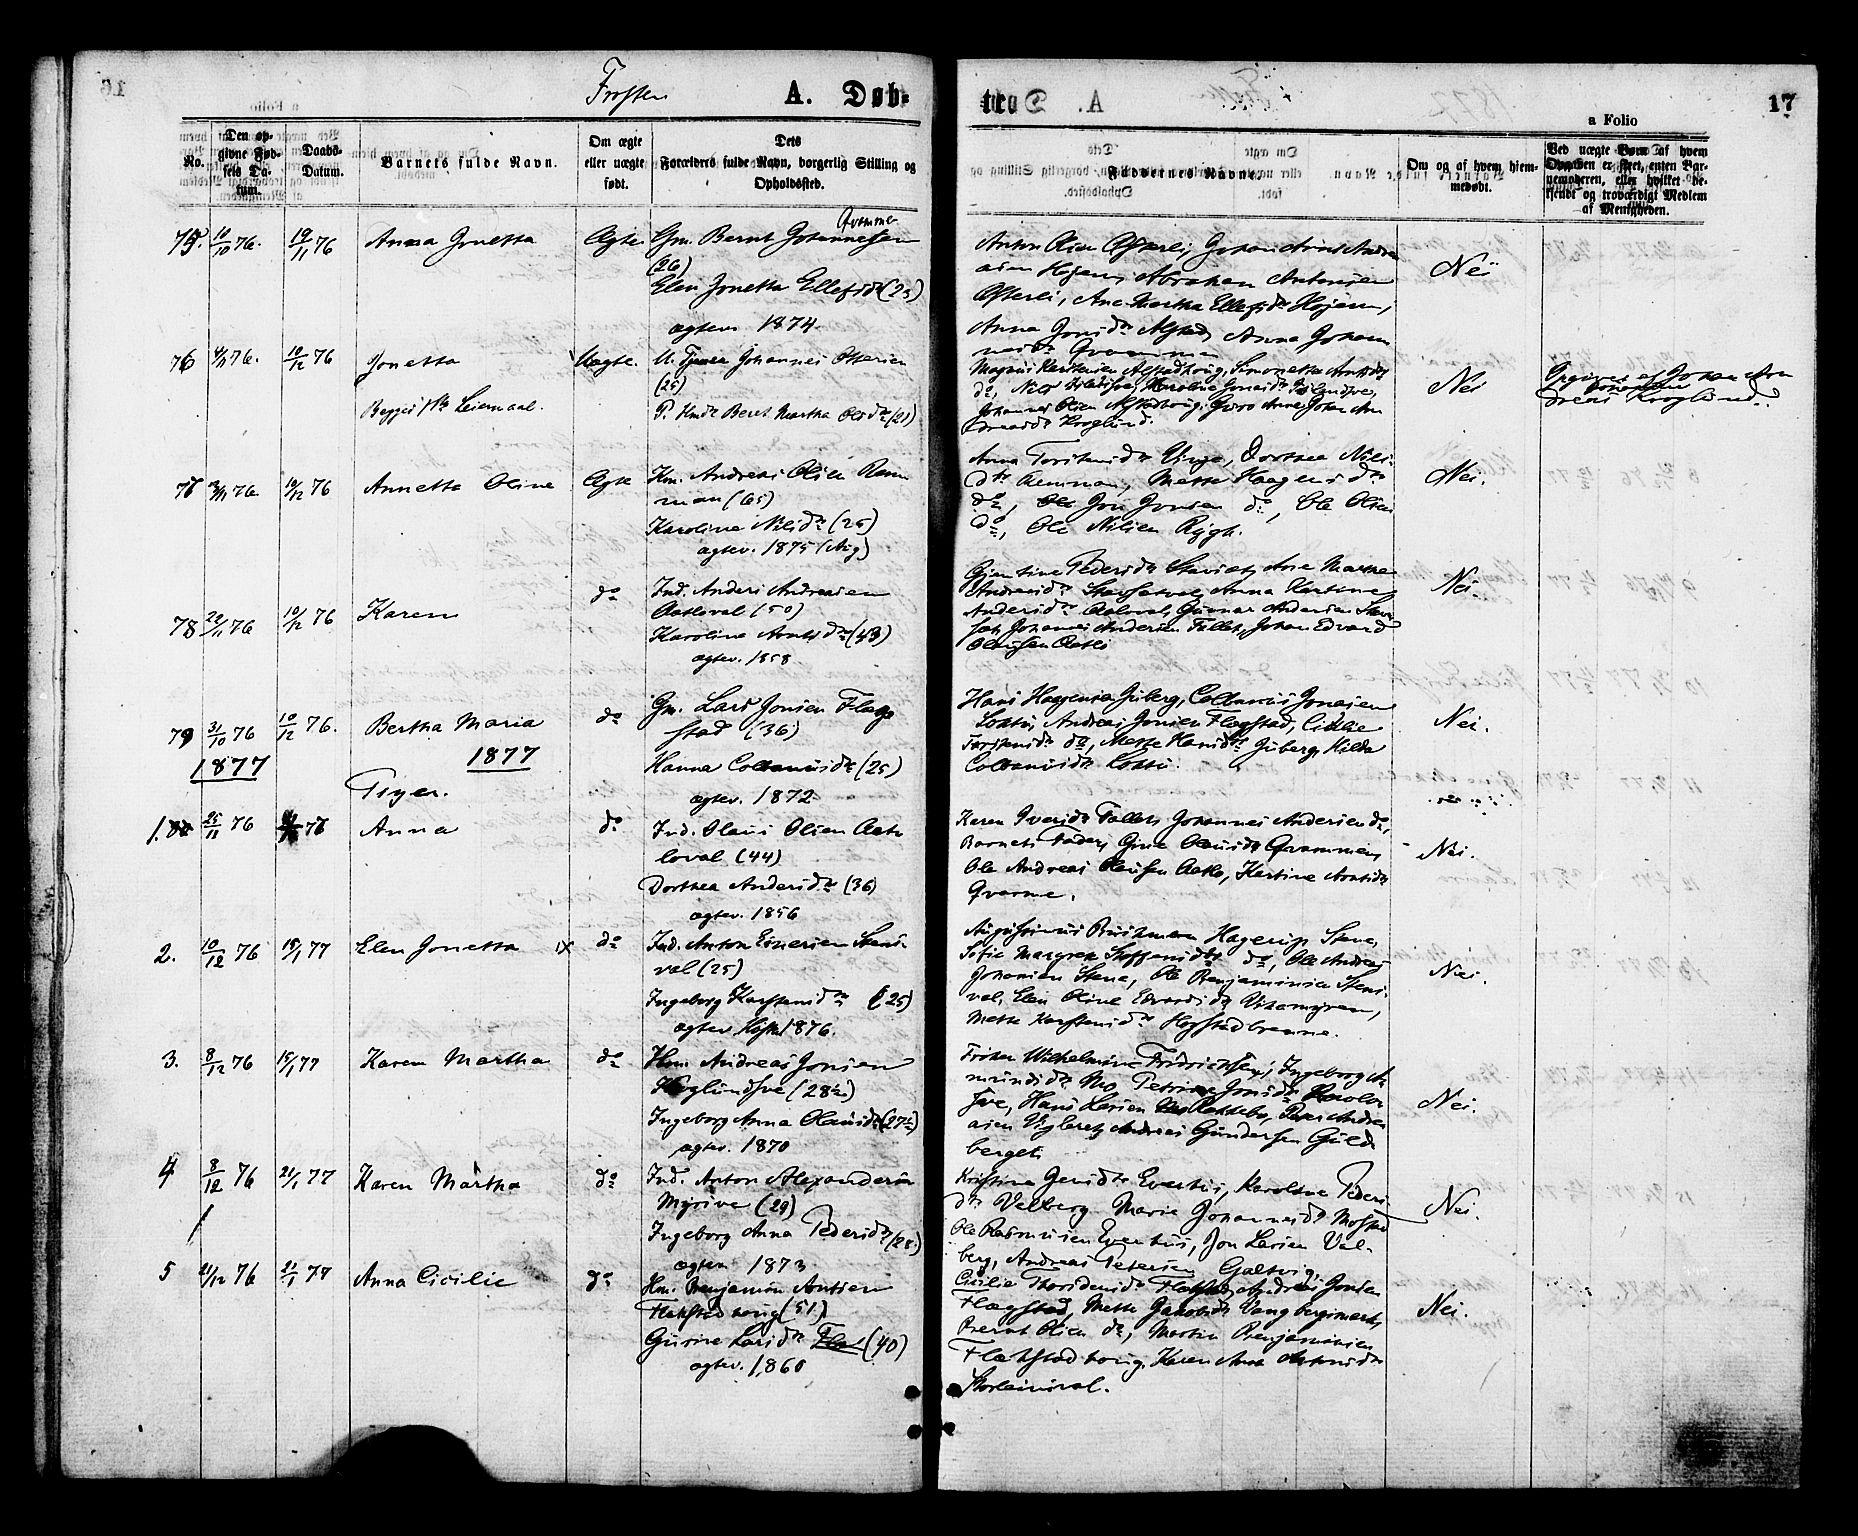 SAT, Ministerialprotokoller, klokkerbøker og fødselsregistre - Nord-Trøndelag, 713/L0118: Ministerialbok nr. 713A08 /1, 1875-1877, s. 17